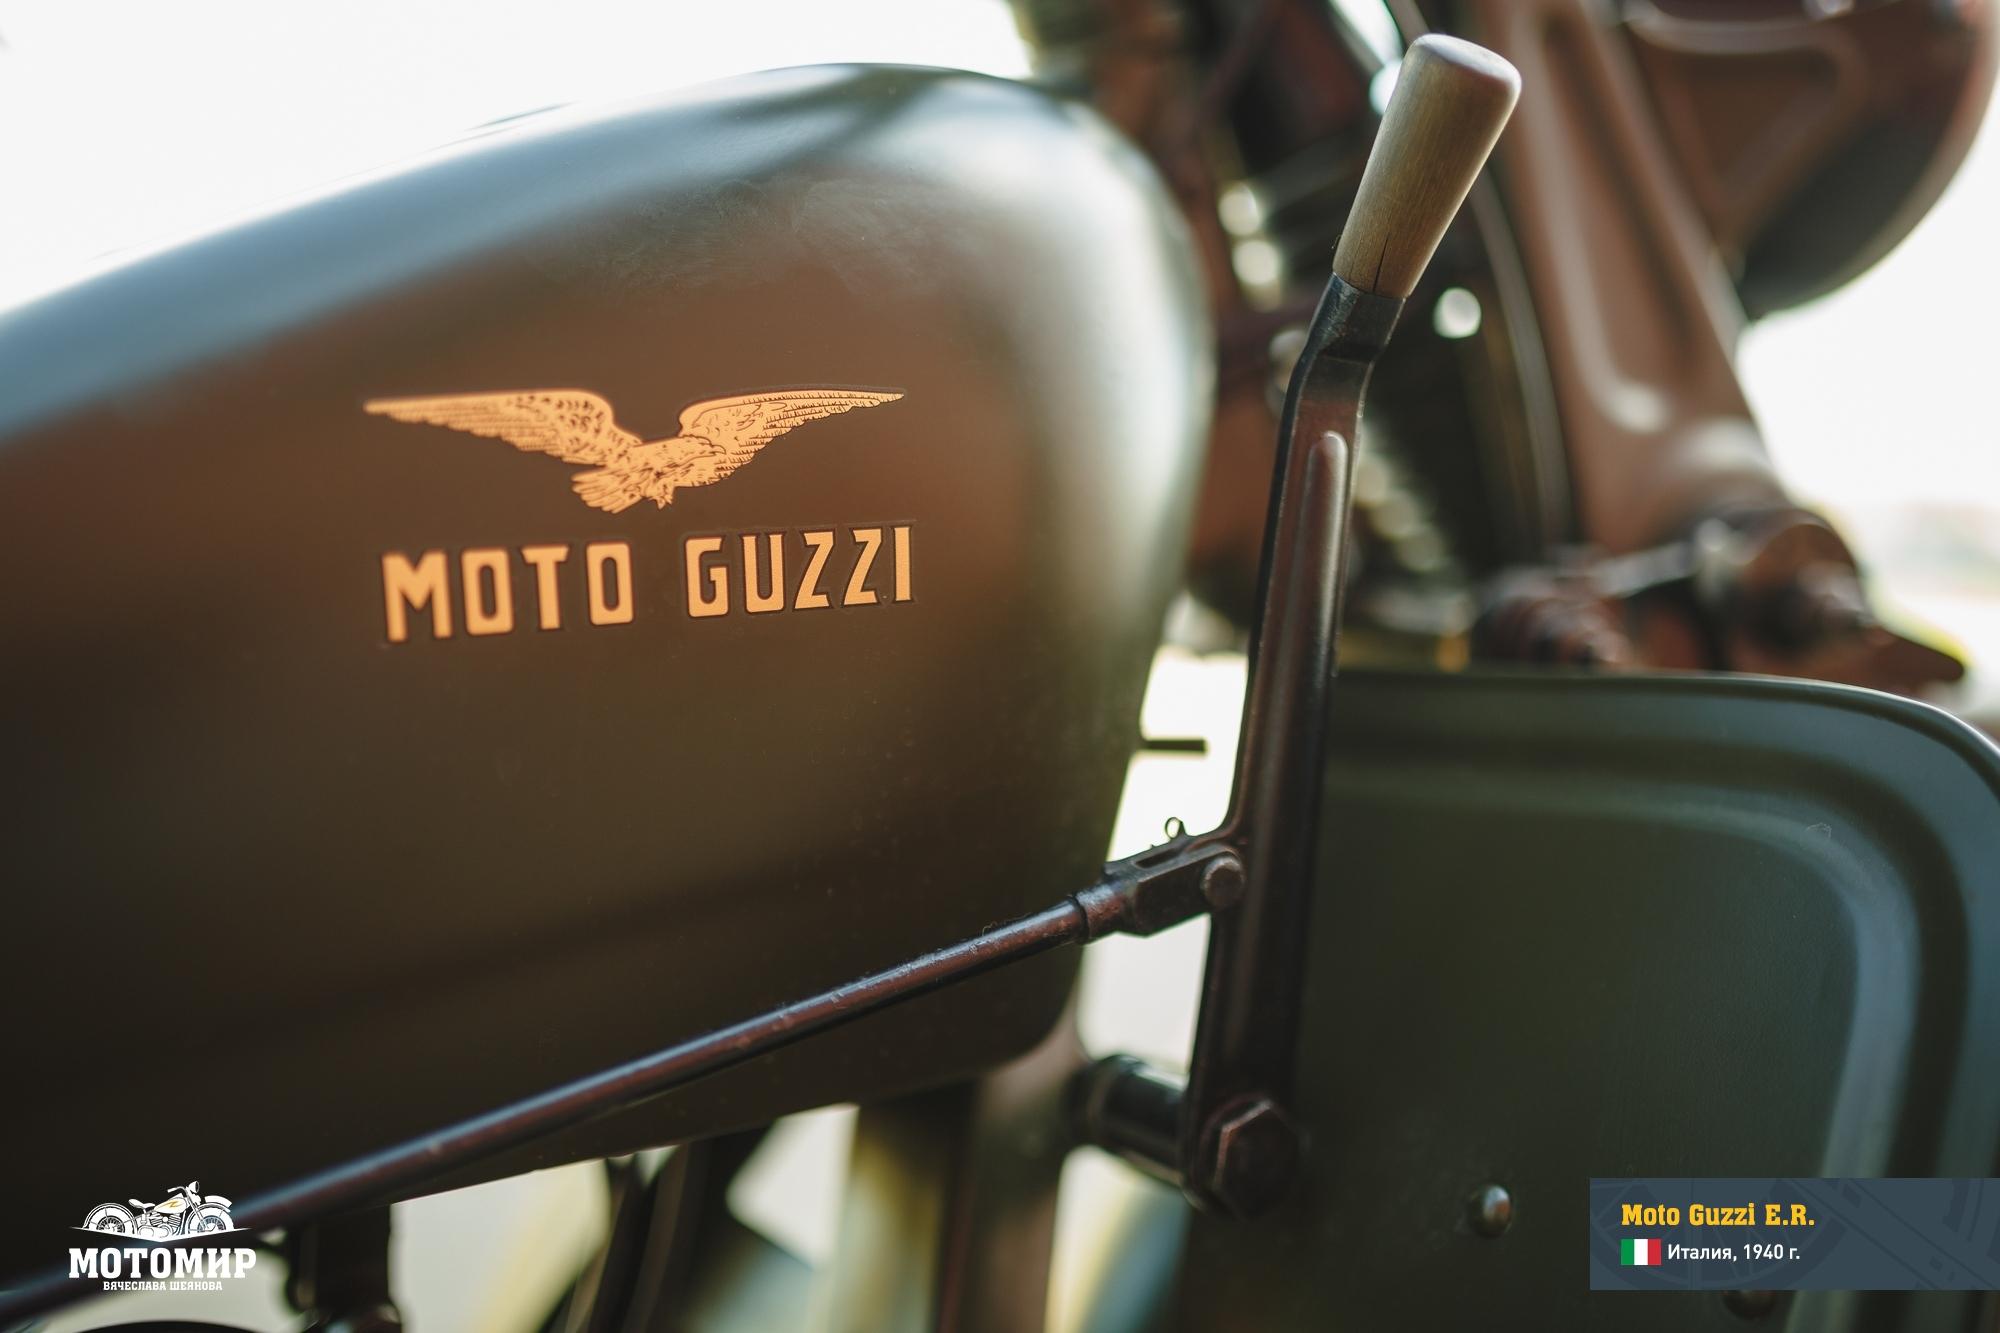 moto-guzzi-er-201508-web-36